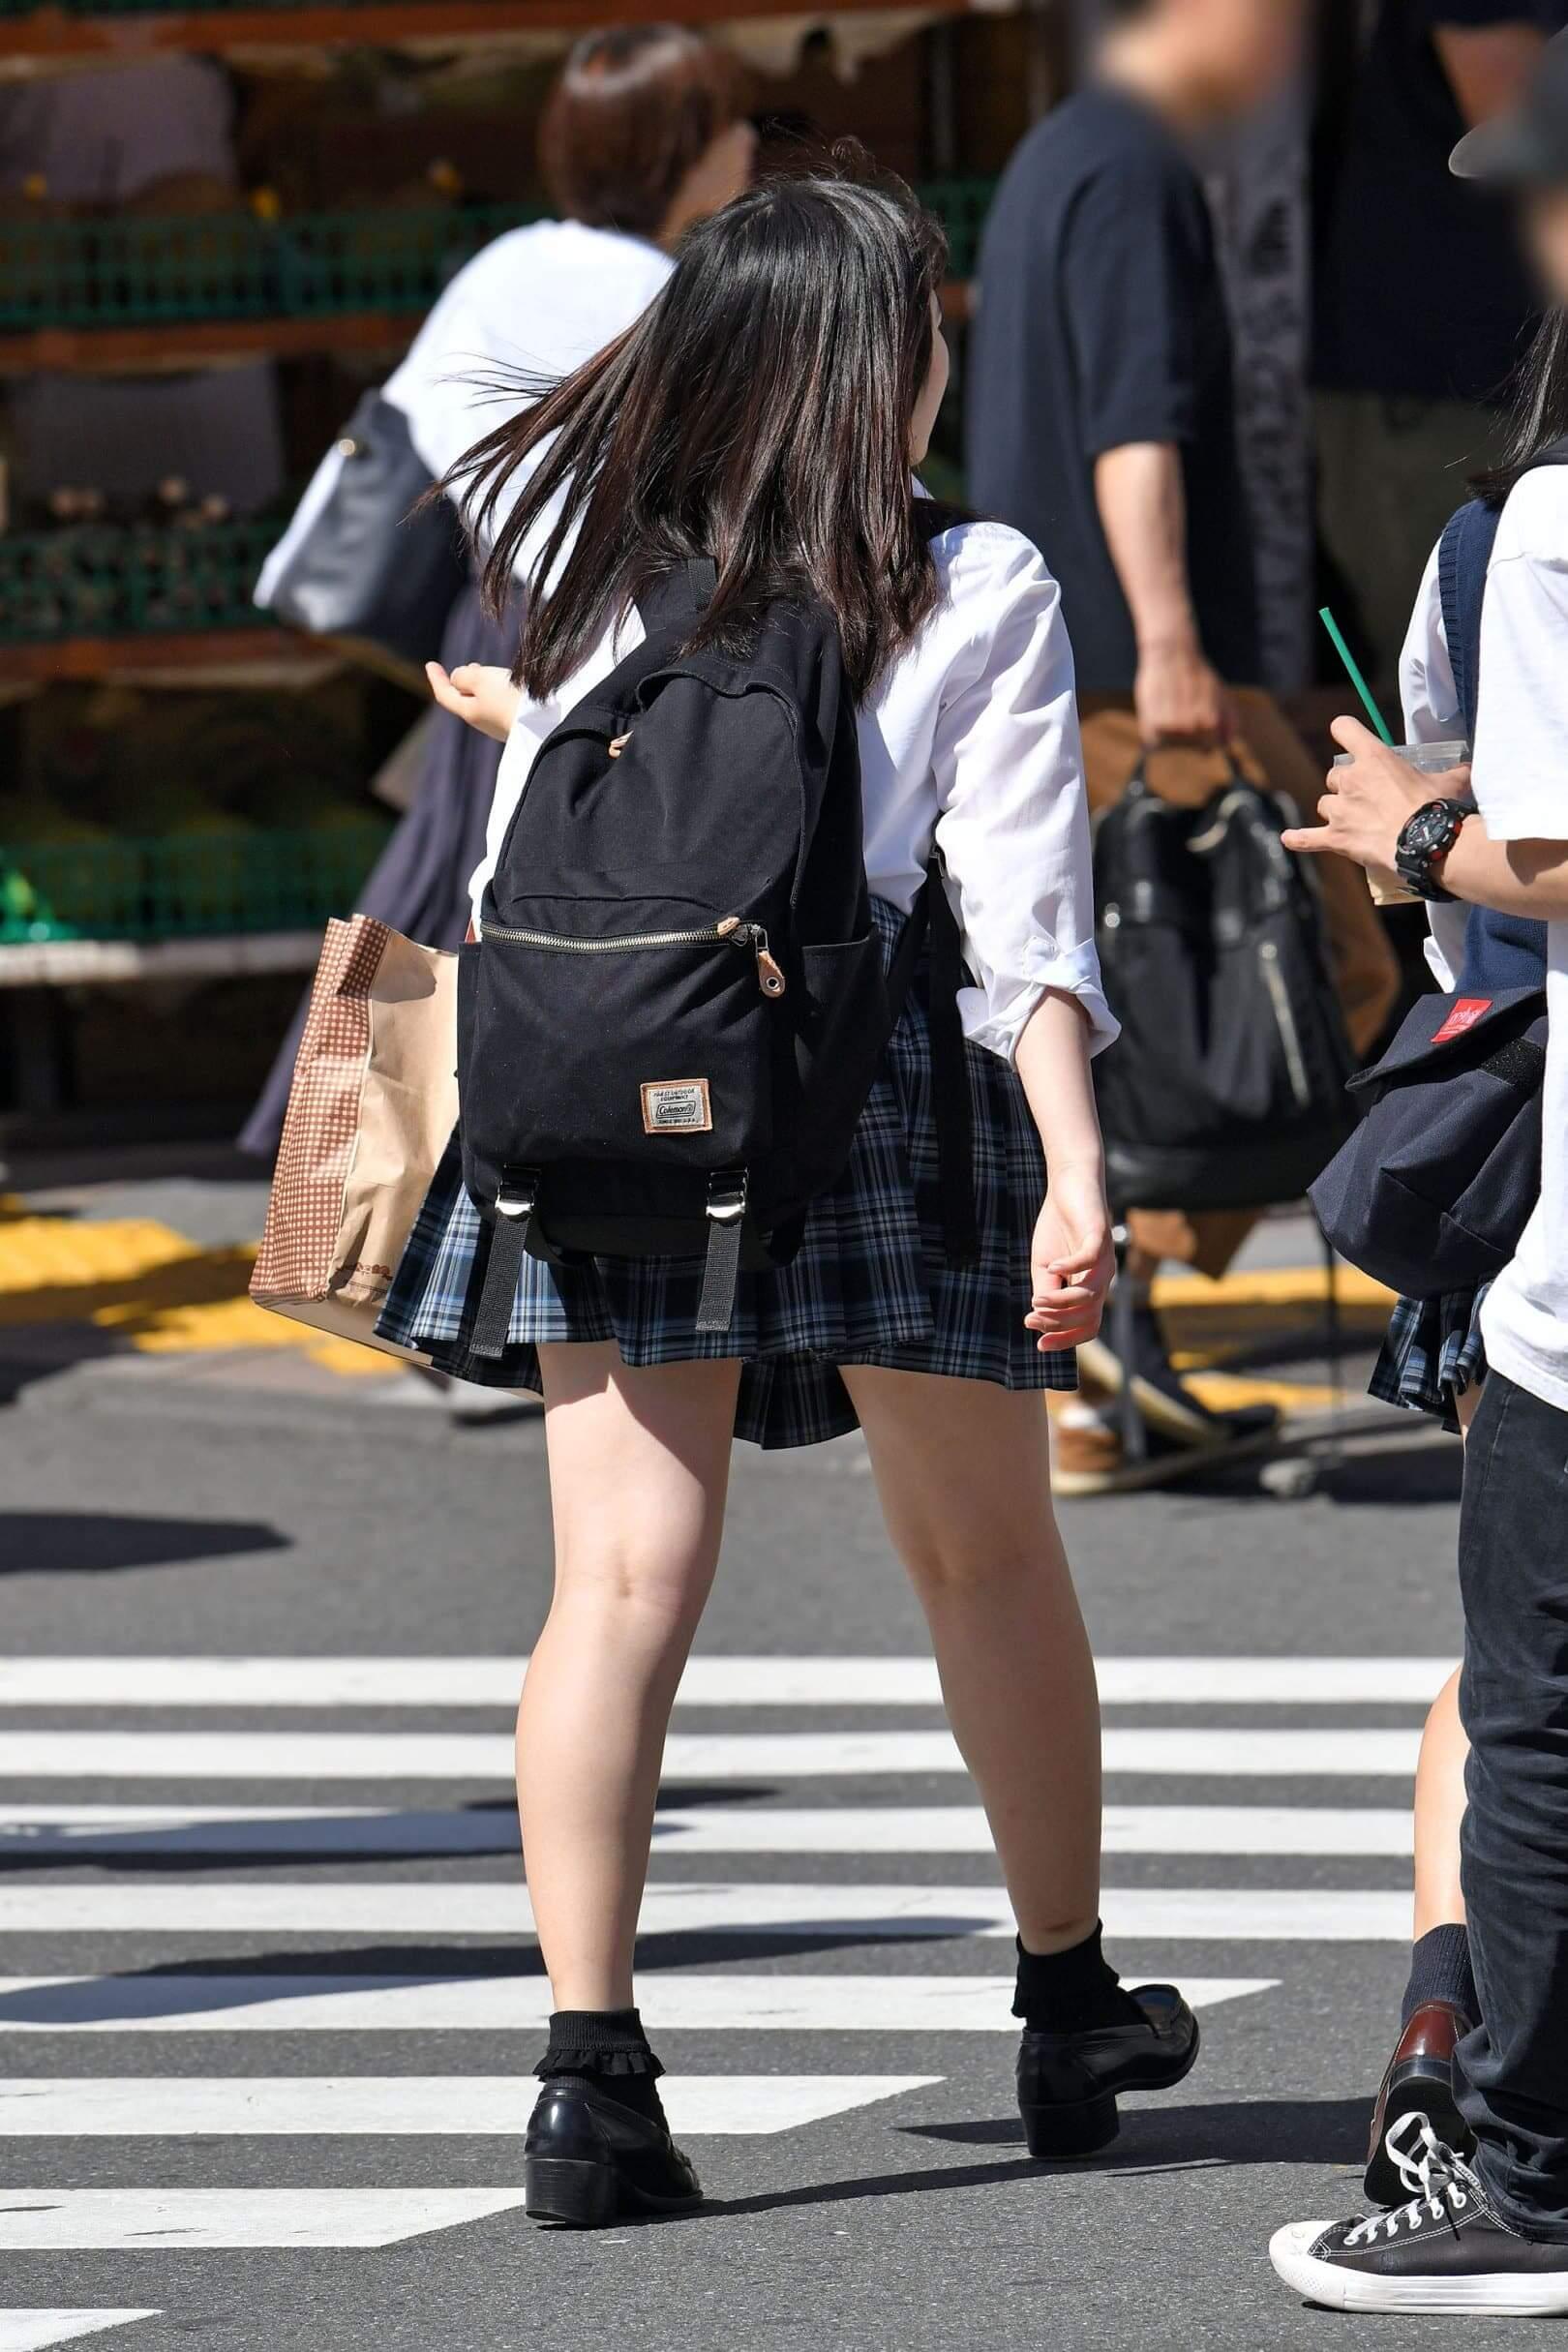 【画像】JKちゃんに早くに街に戻ってきて欲しい街撮り写真